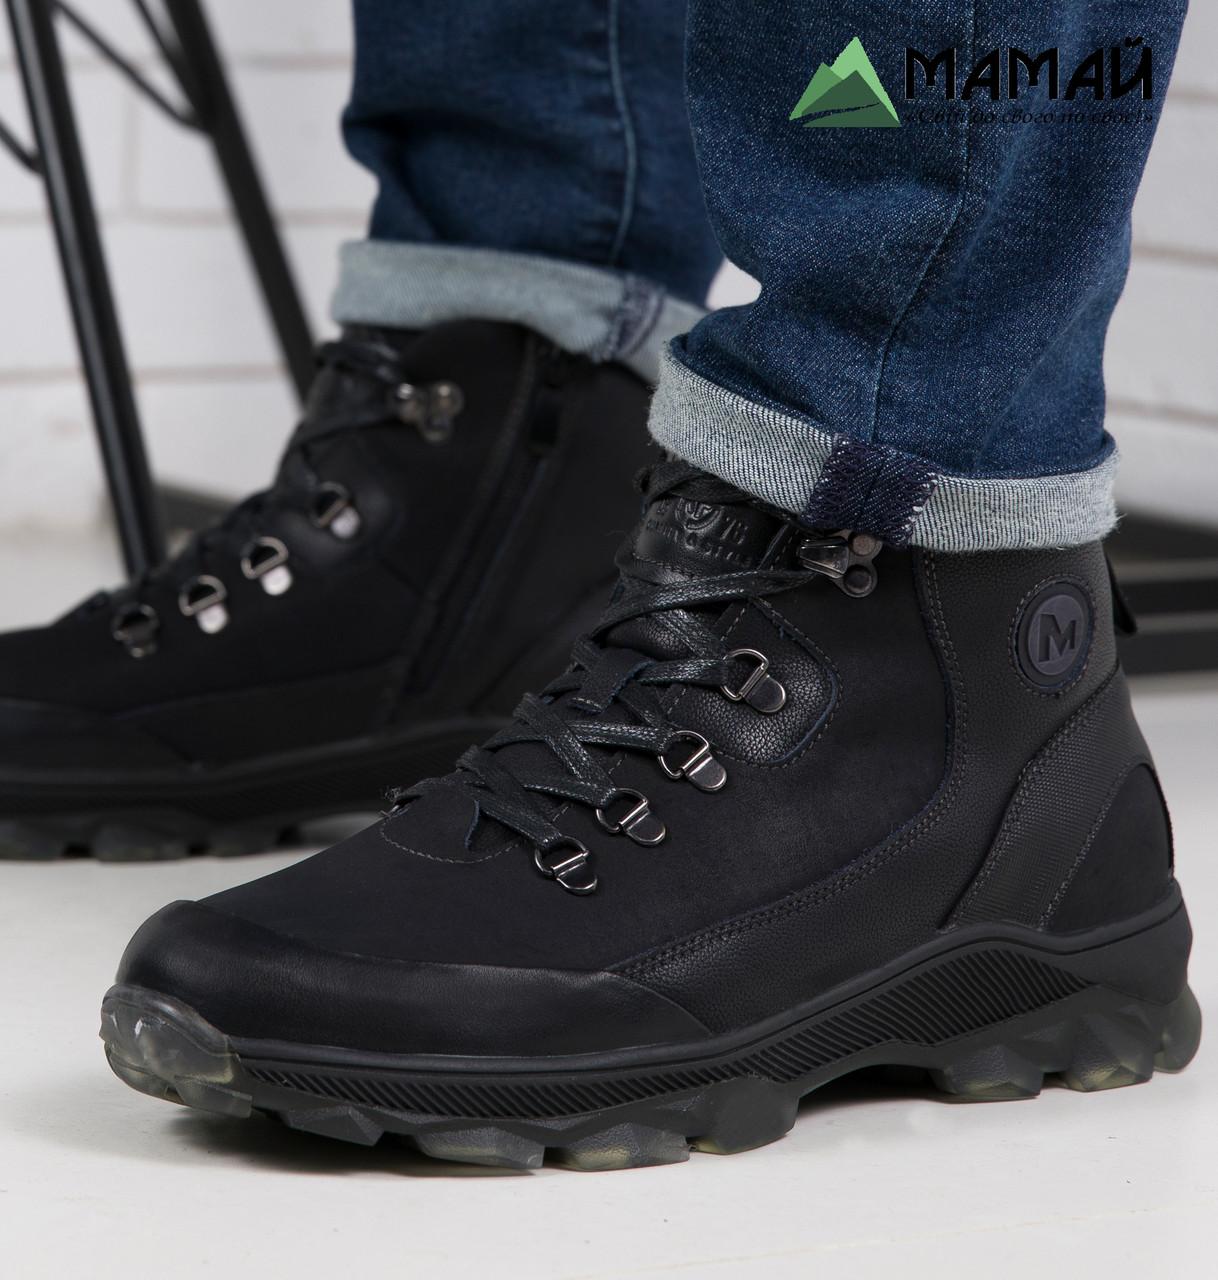 Мужские зимние ботинки из натуральной кожи -20°C 40р